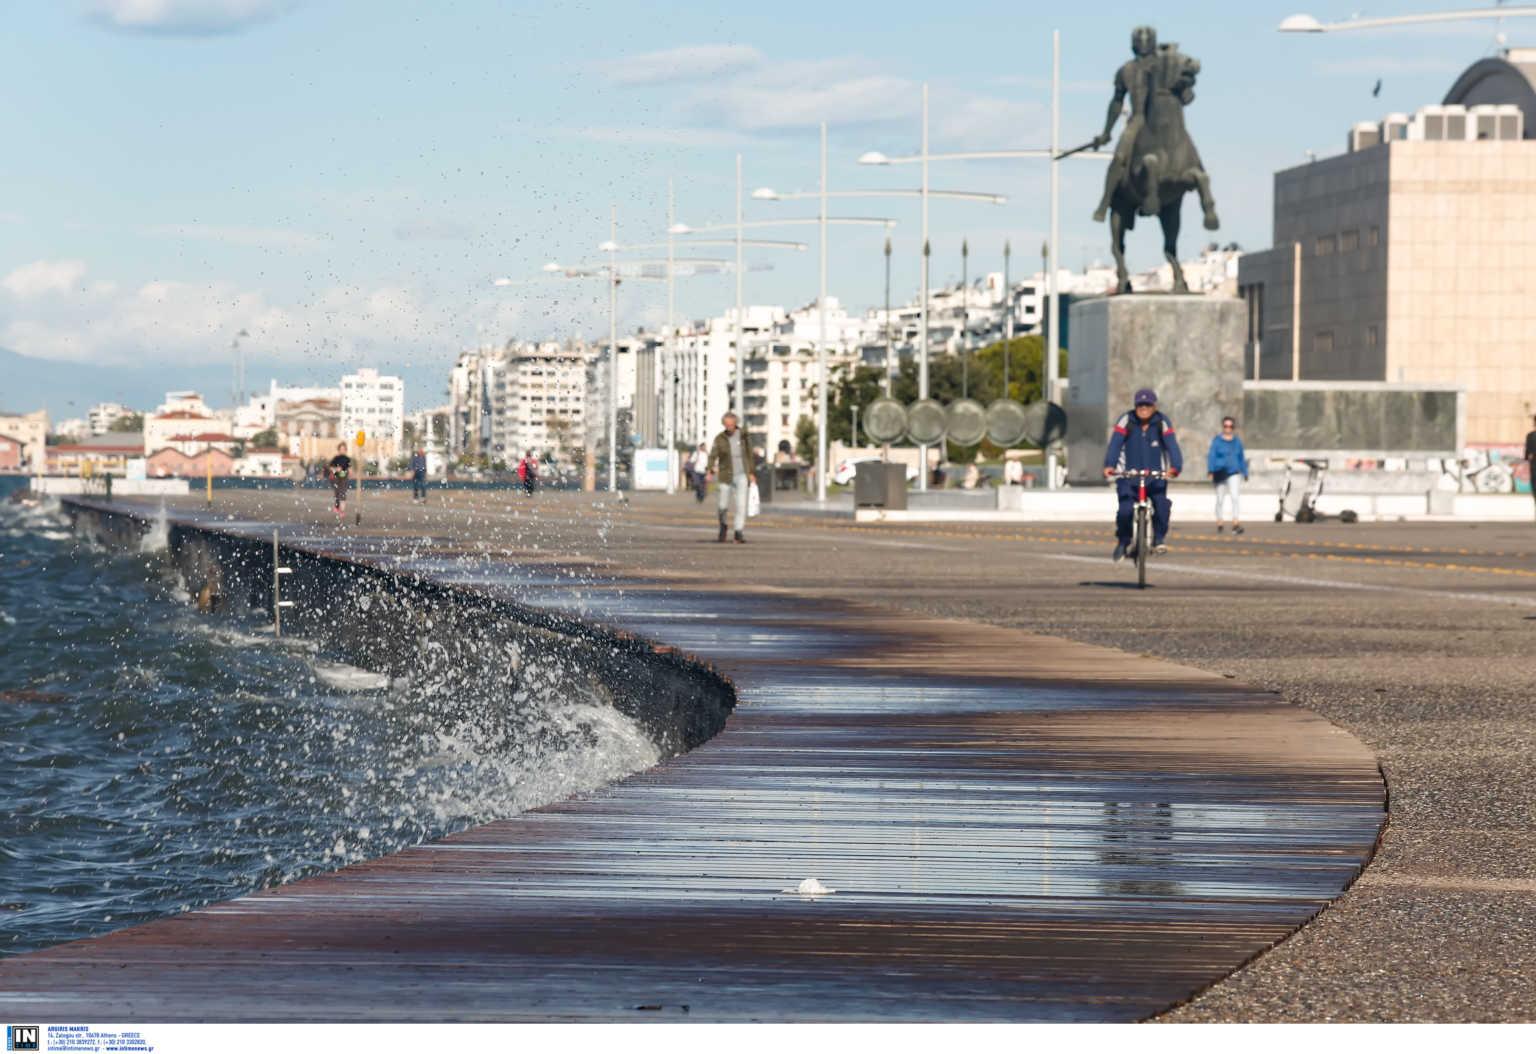 Θεσσαλονίκη: Σχεδόν 300% αυξήθηκε ο κορονοϊός στα λύματα της πόλης!